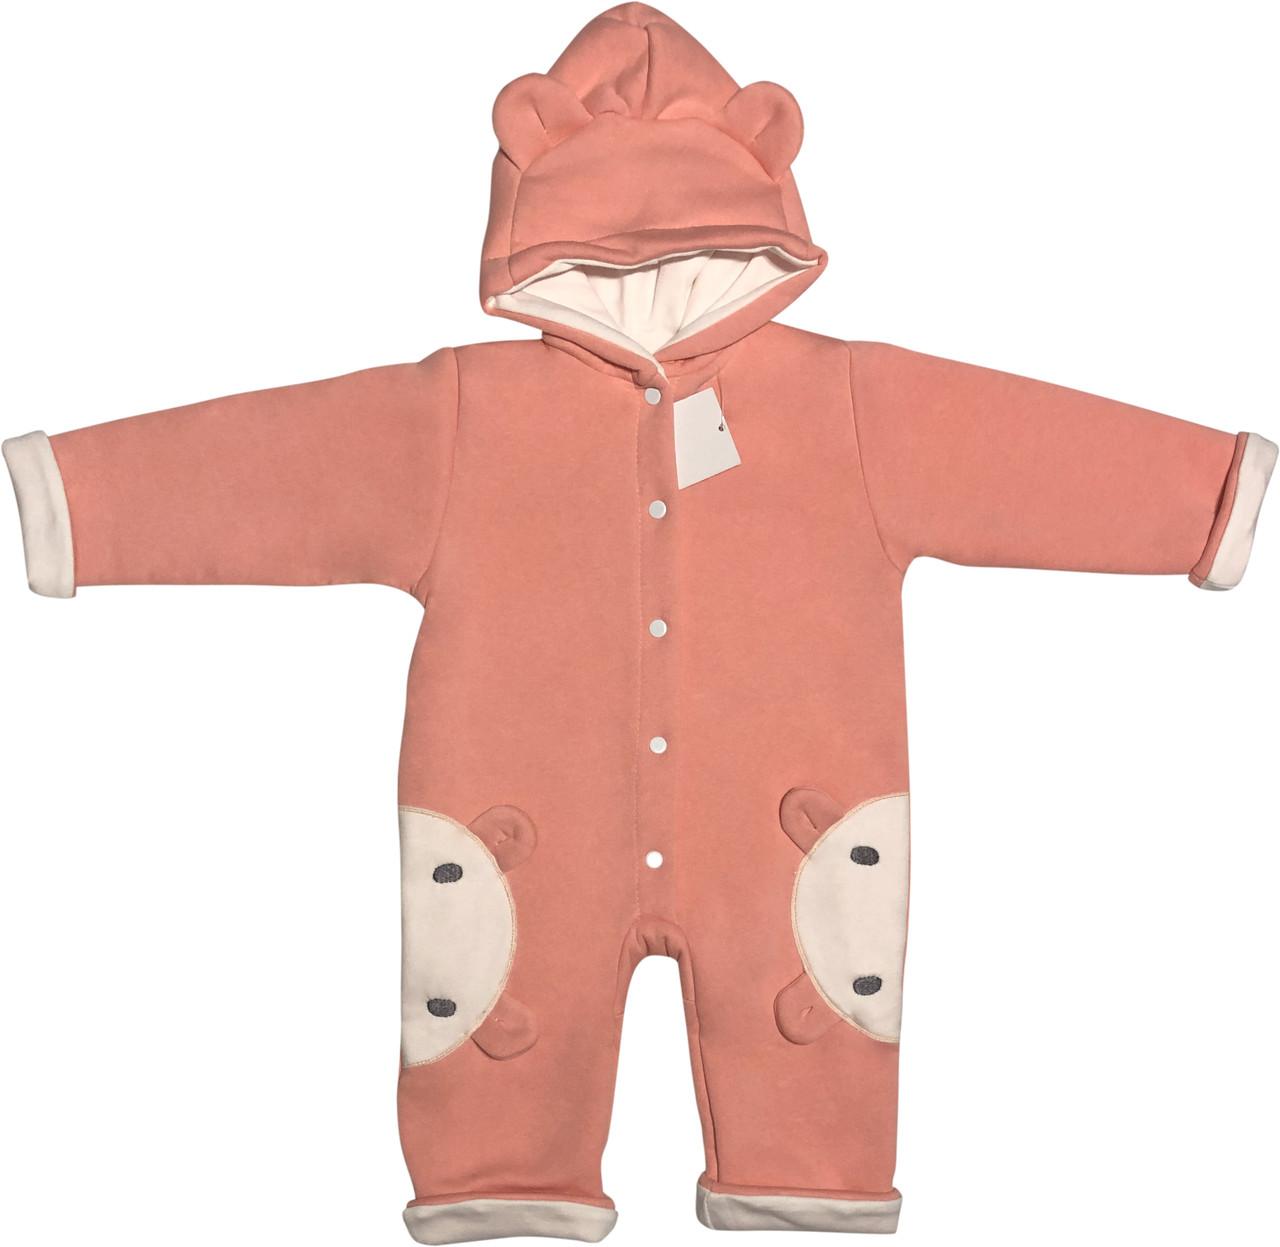 Дитячий теплий чоловічок з підкладкою ріст 68 3-6 міс трикотаж персиковий на дівчинку сліп з капюшоном для